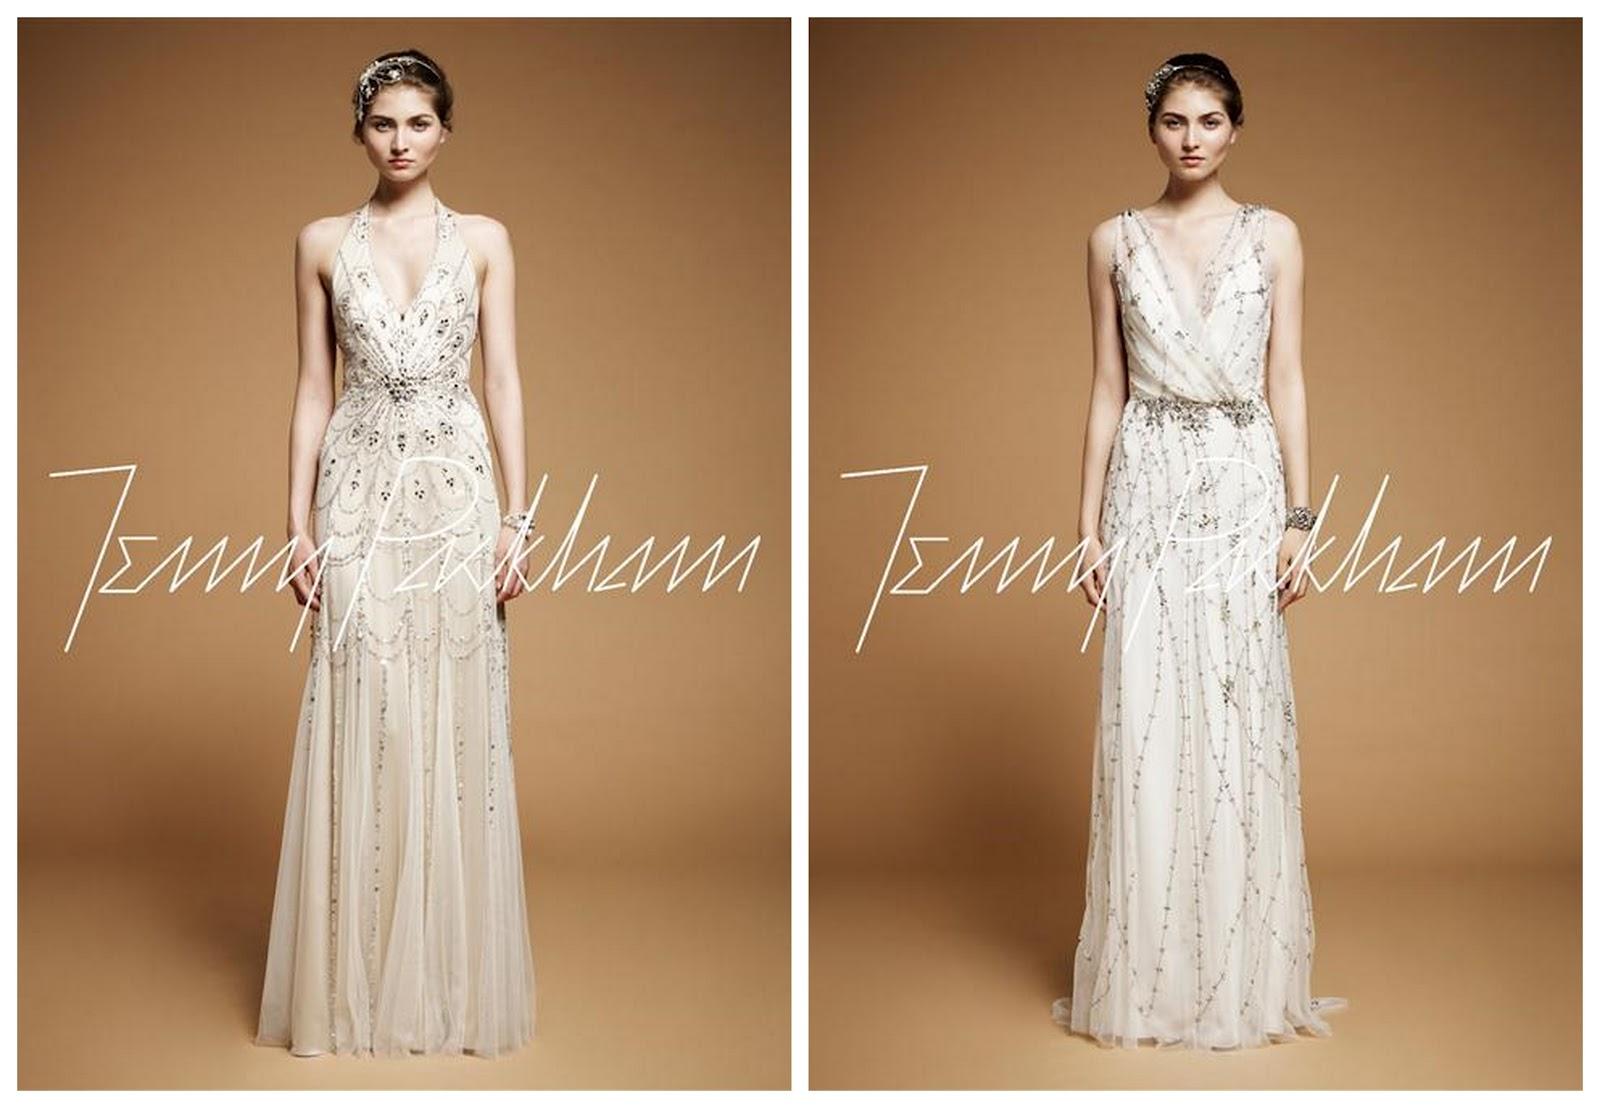 2nd hand wedding dresses uk wedding ideas sparkly wedding dresses by jenny packham ombrellifo Choice Image